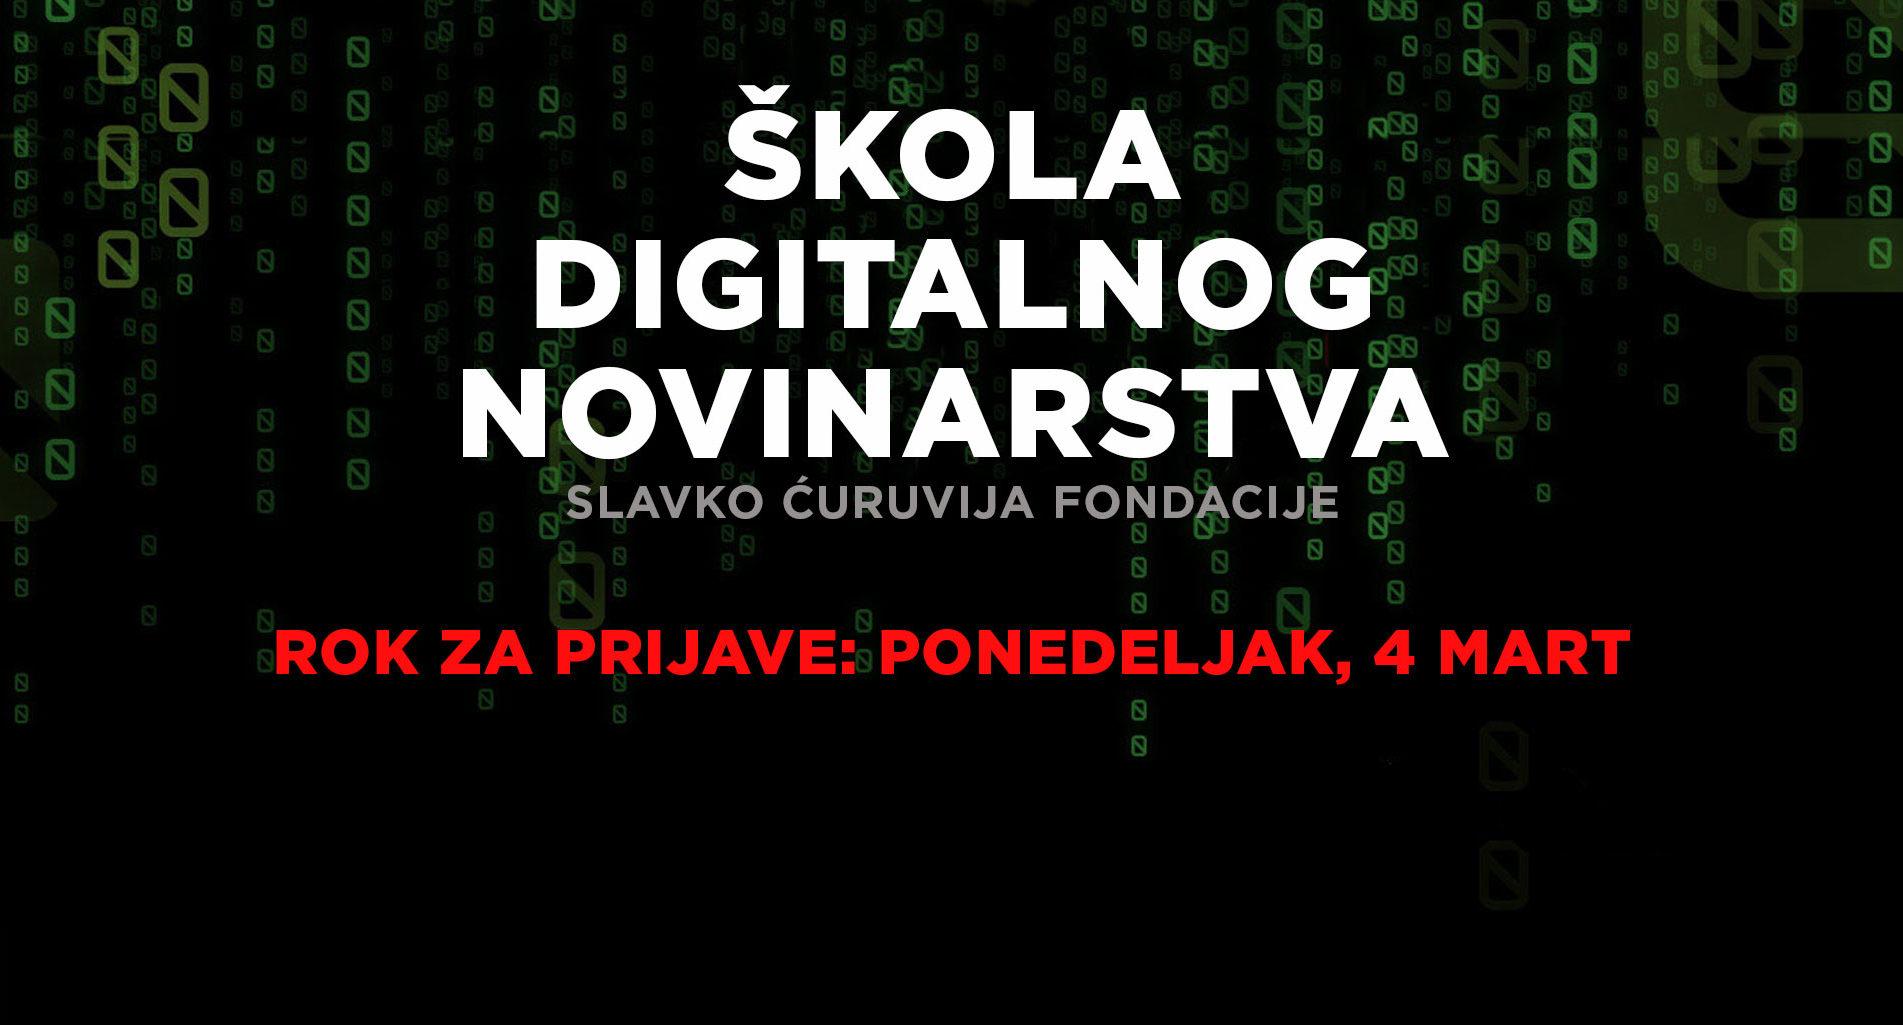 Škola digitalnog novinarstva